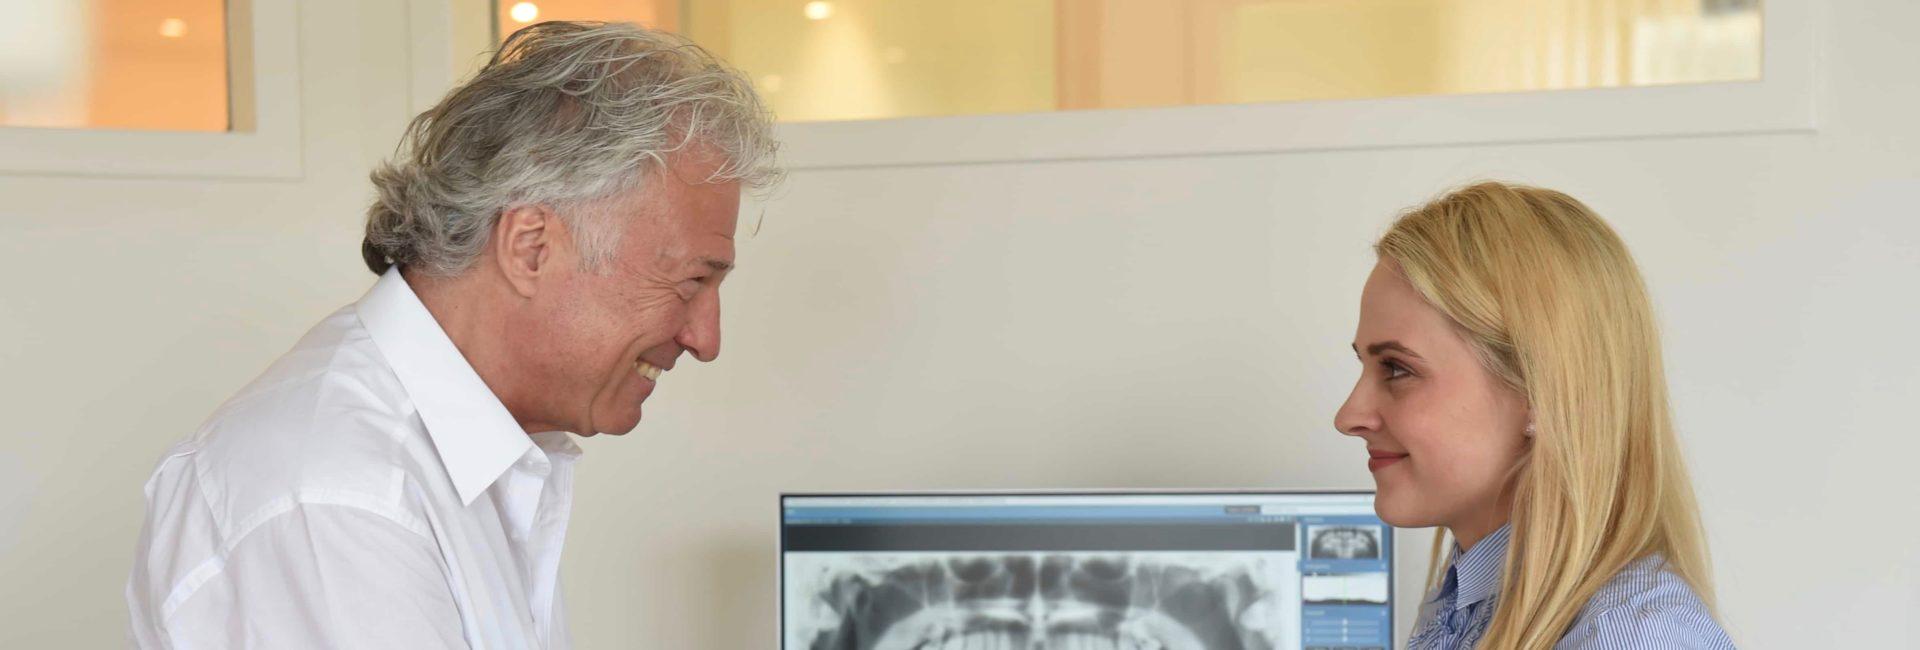 Zahnarzt Dr.Hocheneder erklärt Patientin Behandlunsbilder in Praxis am Marienplatz